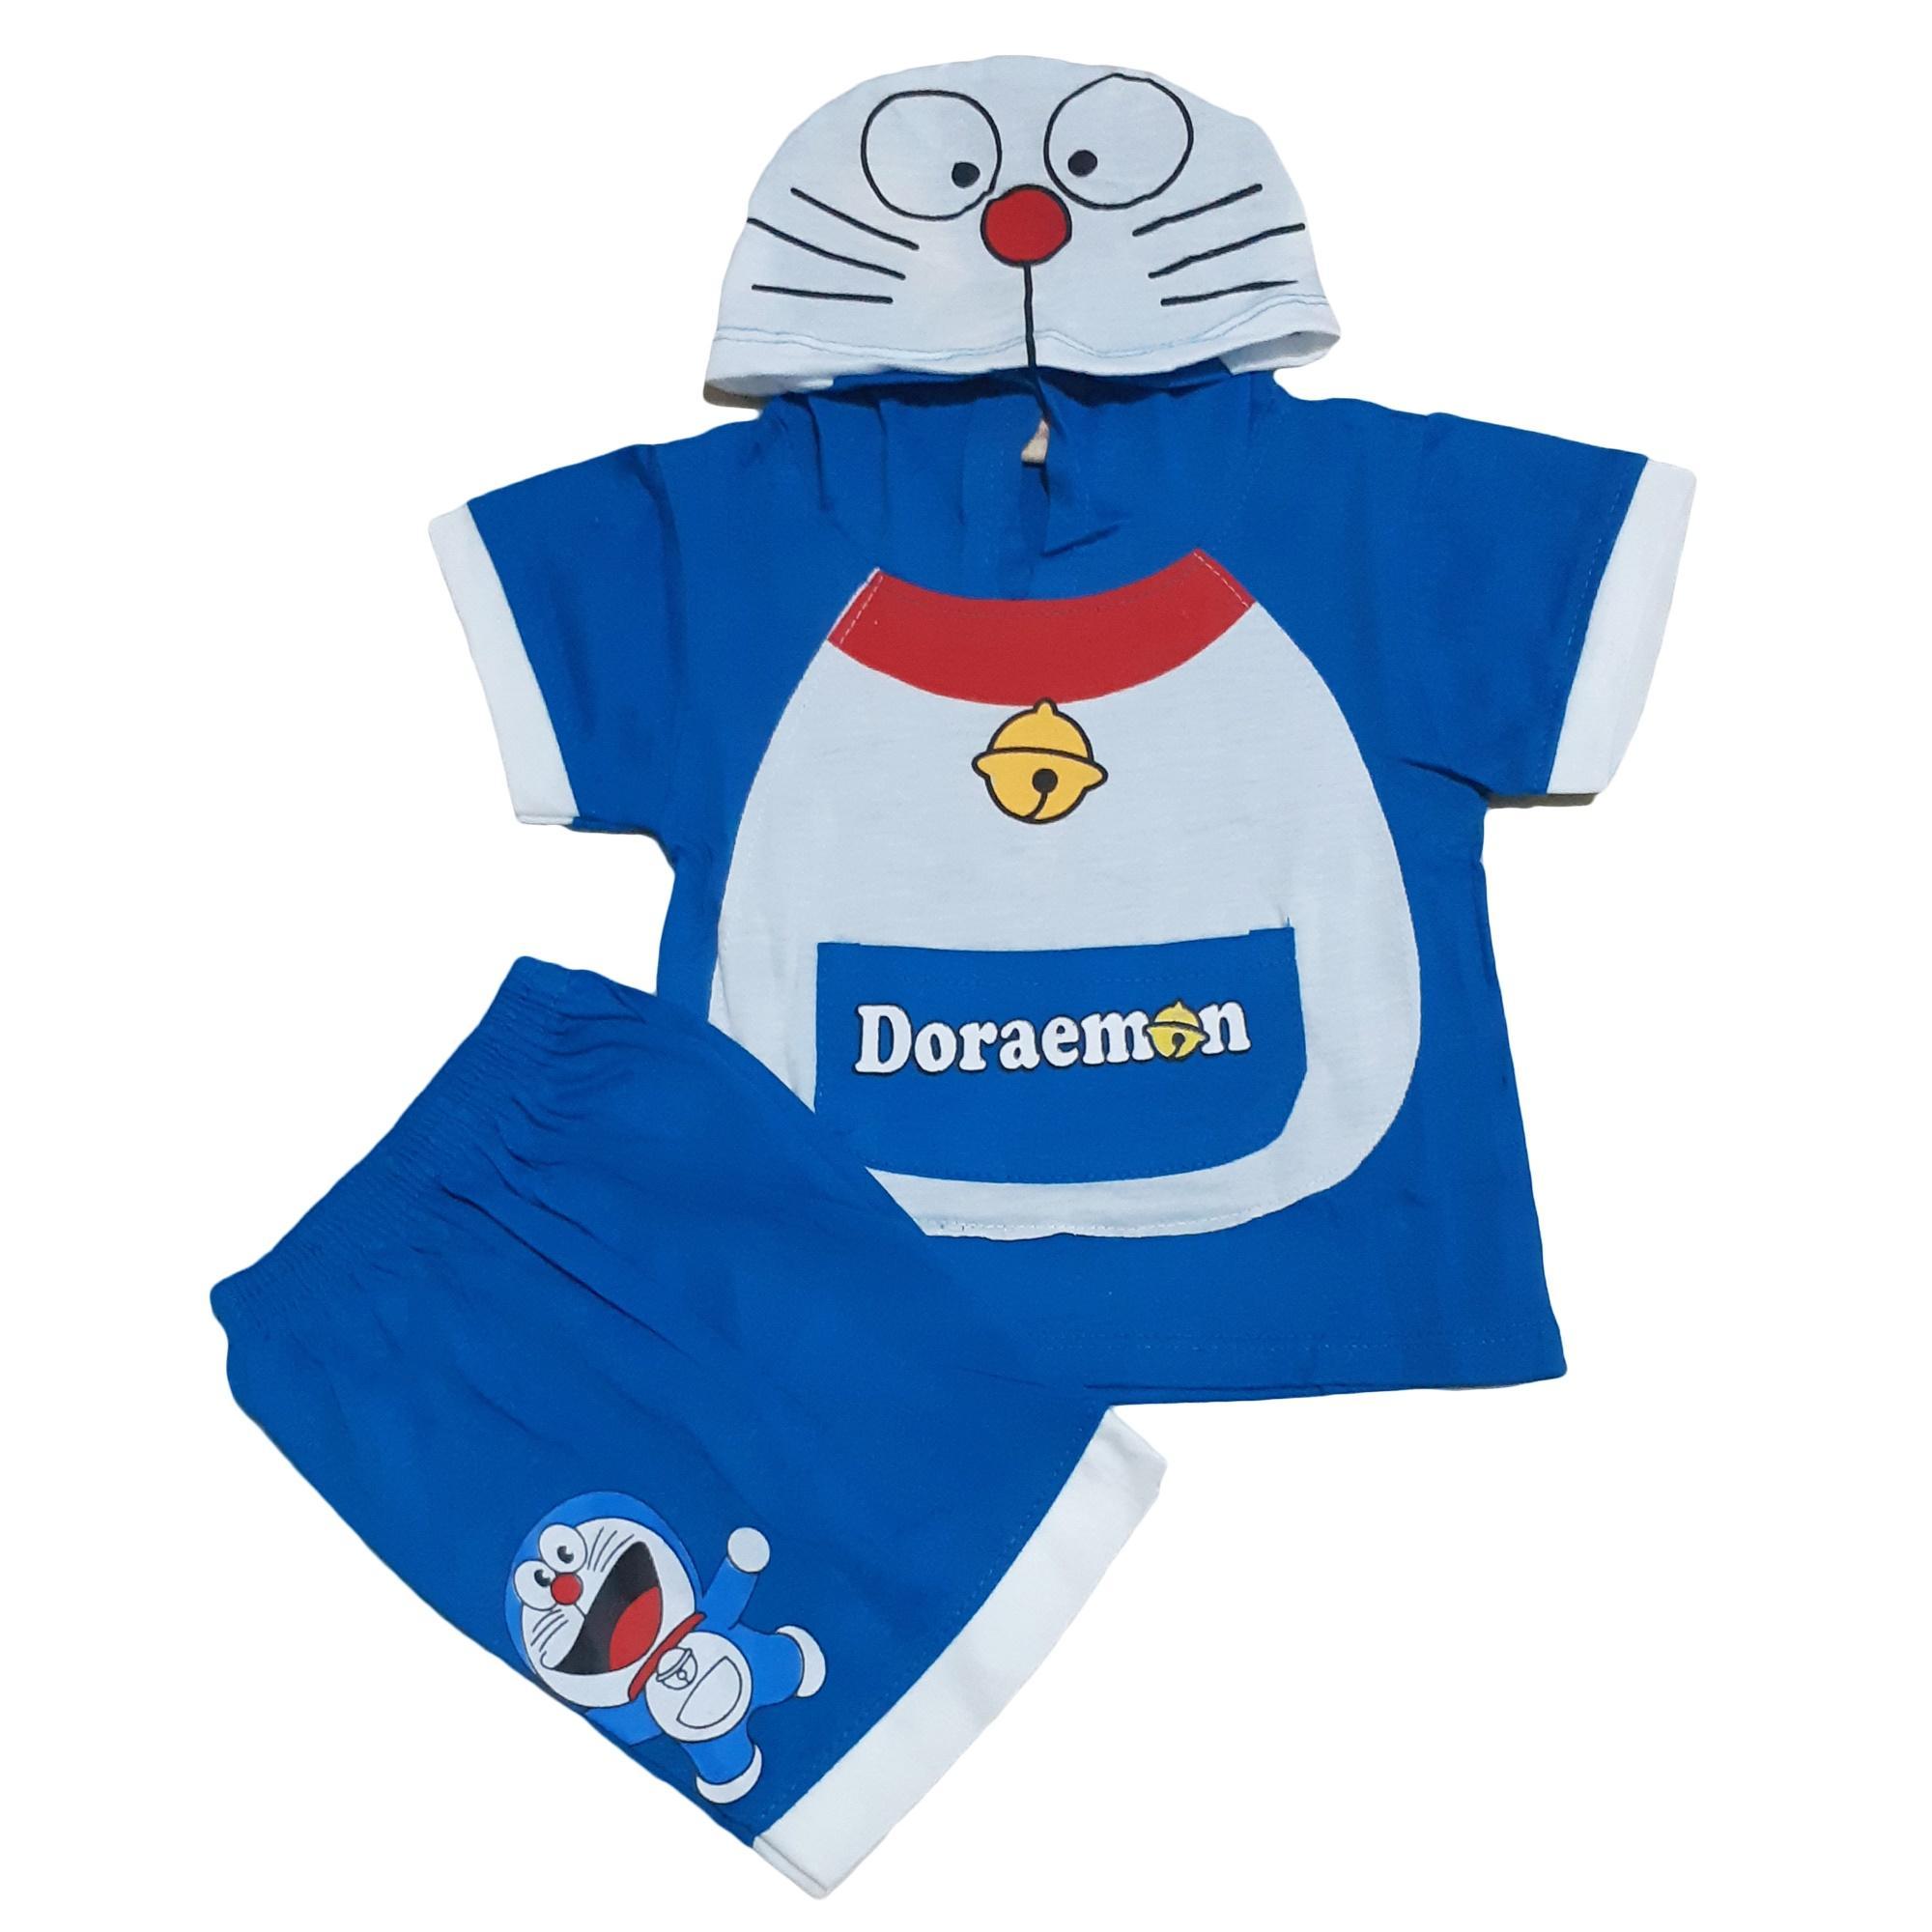 Jual Baju Atasan Anak Laki Setelan Kaos Merah Ikan Ampamp Celana Jeans Bros Dasi Dan Ikat Pinggang Hm Doraemon Pendek Perempuan Unisex